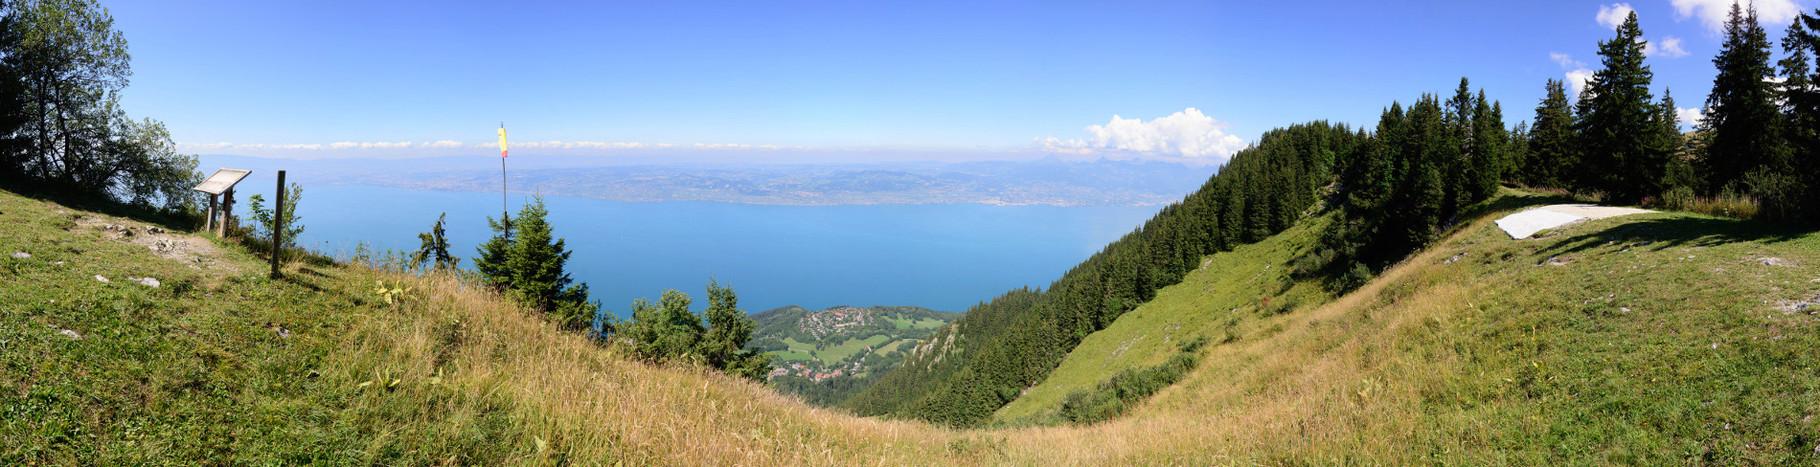 Sur les hauteurs du Lac Léman. 140°, 9 photographies.